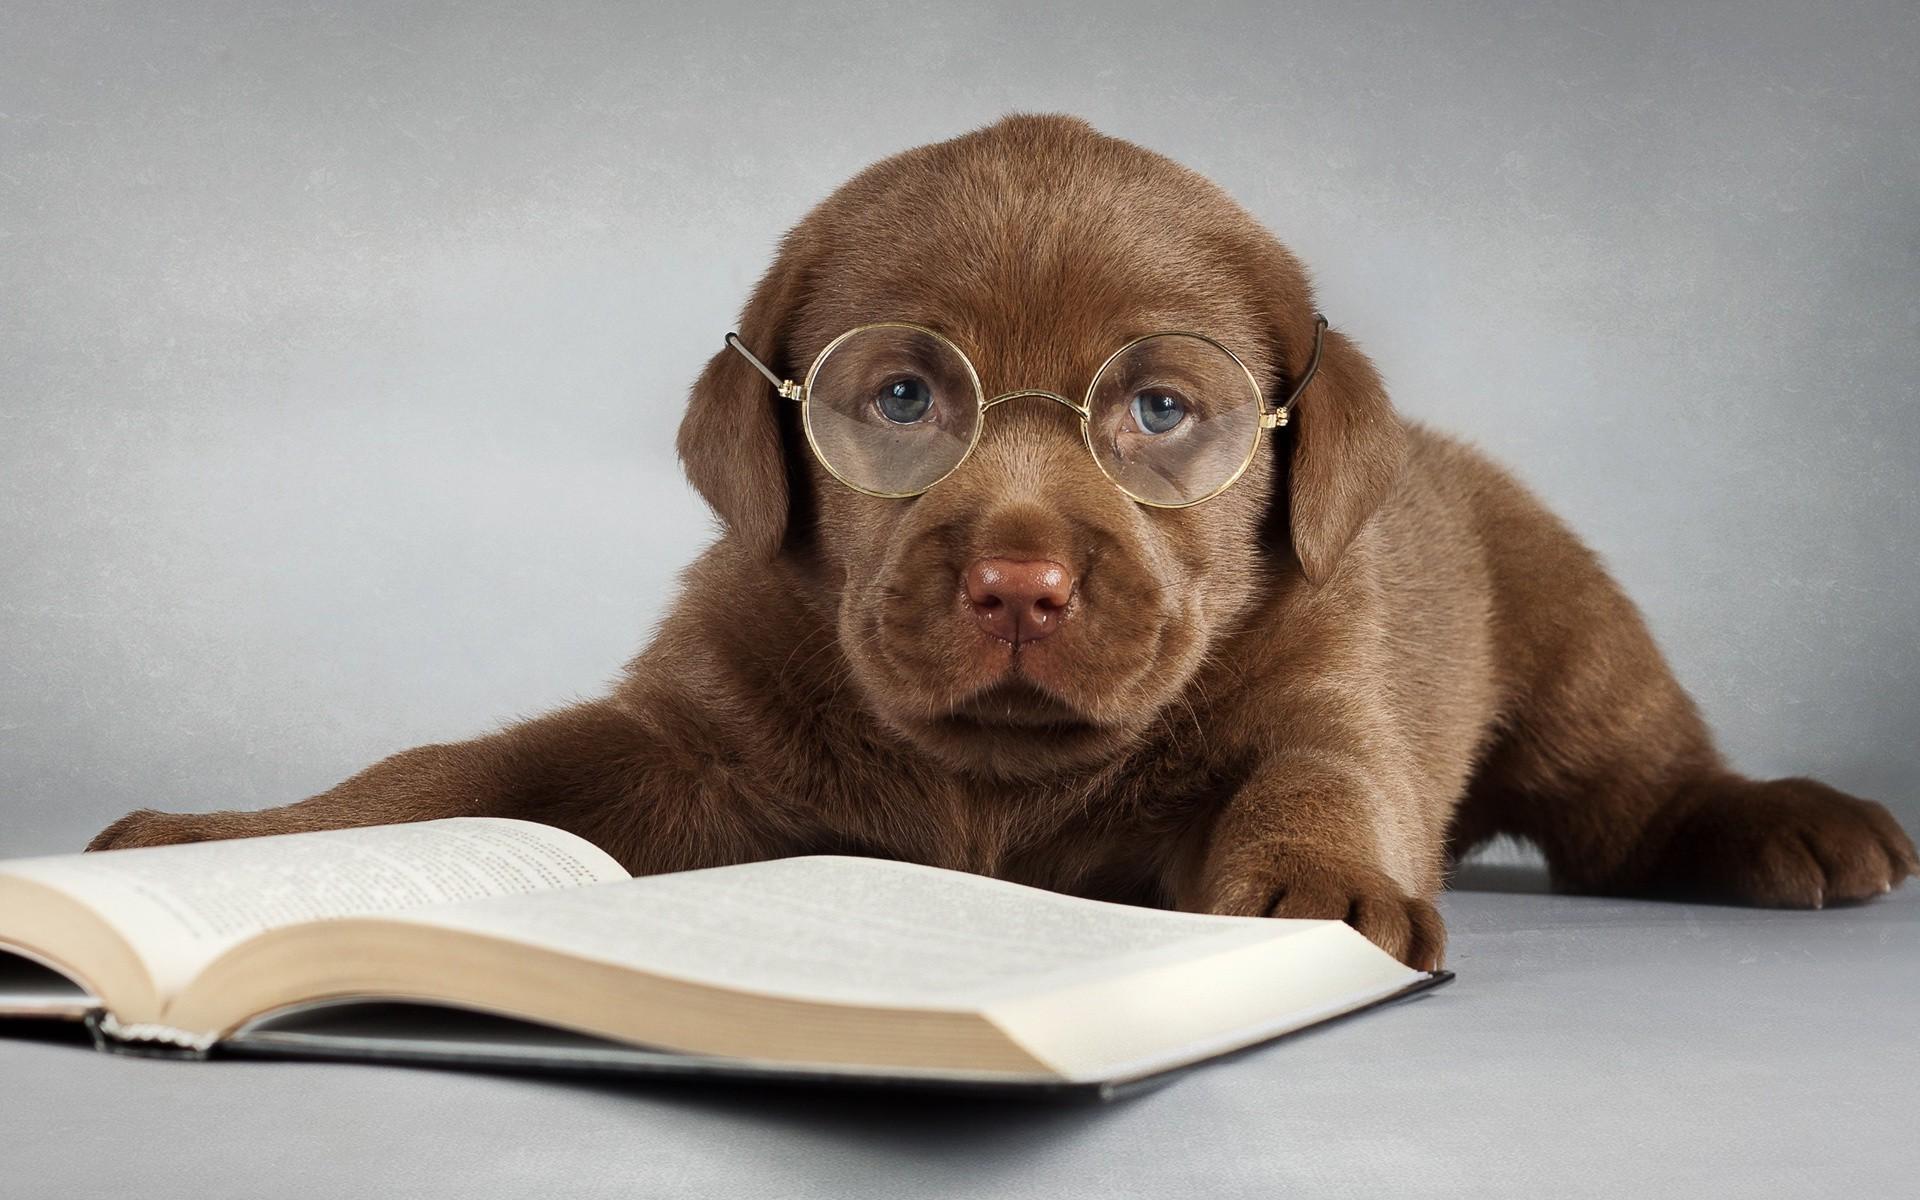 микседема развивается обои с прикольными собаками геометрические